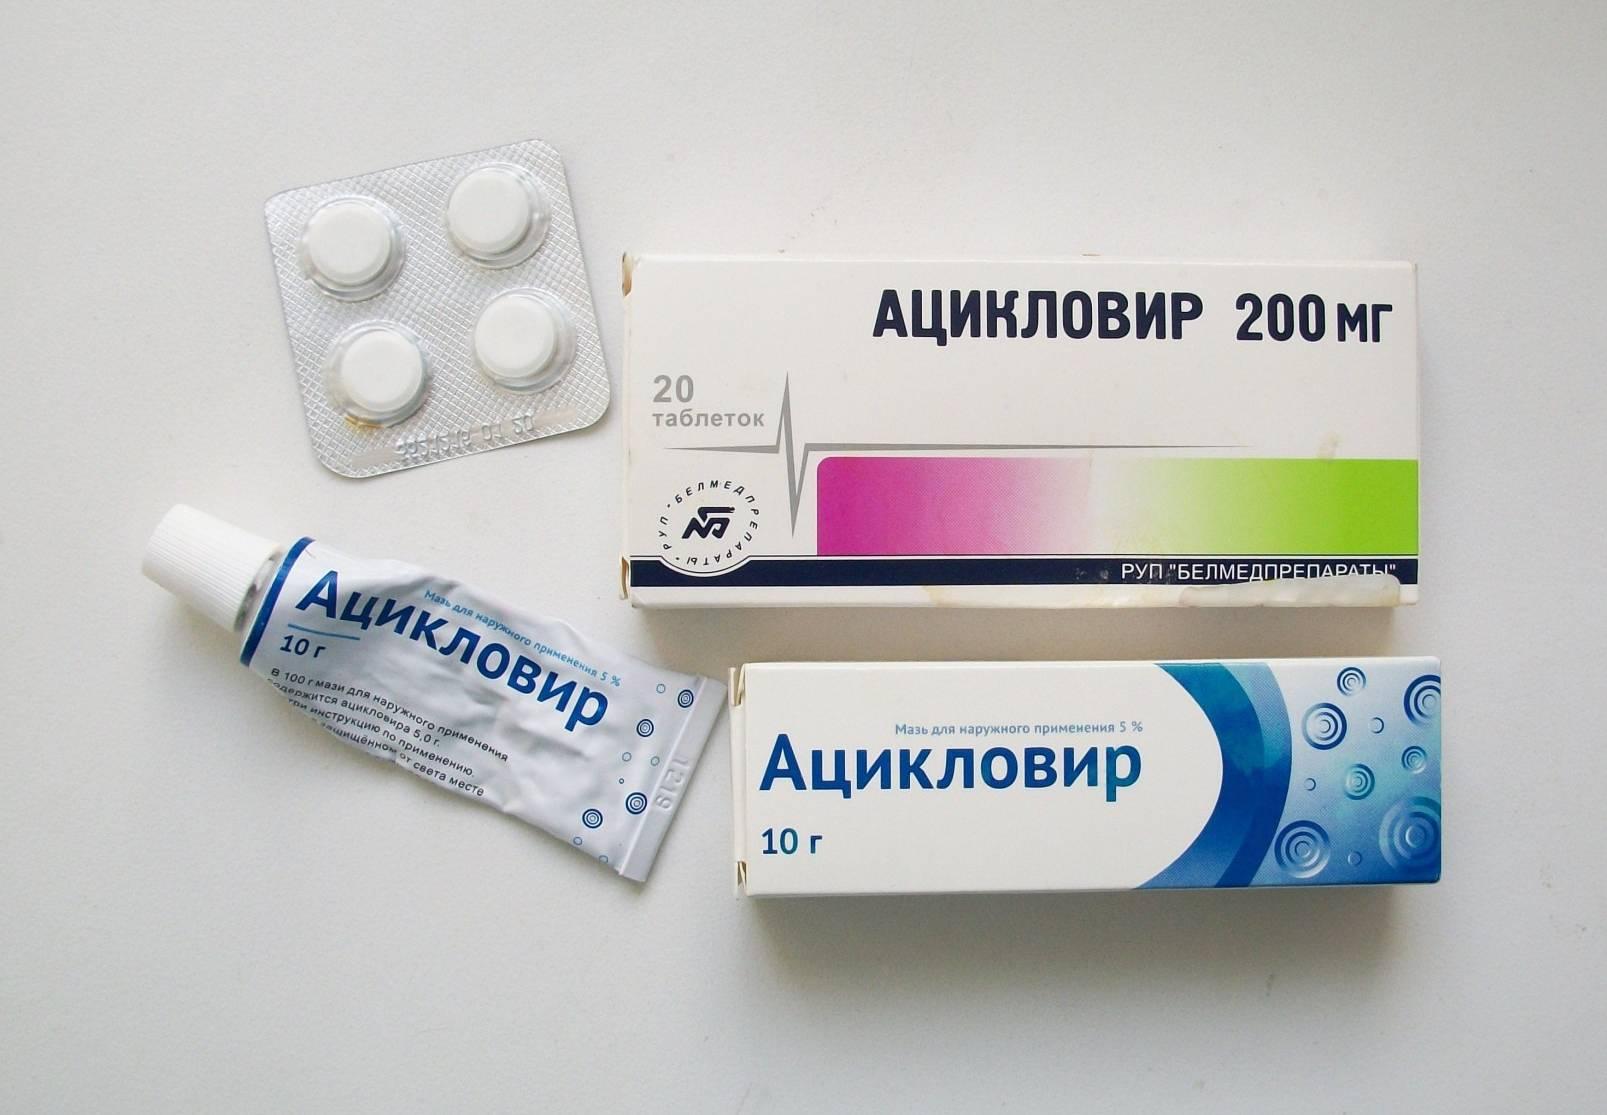 Ацикловир при стоматите: особенности применения, эффективность и отзывы